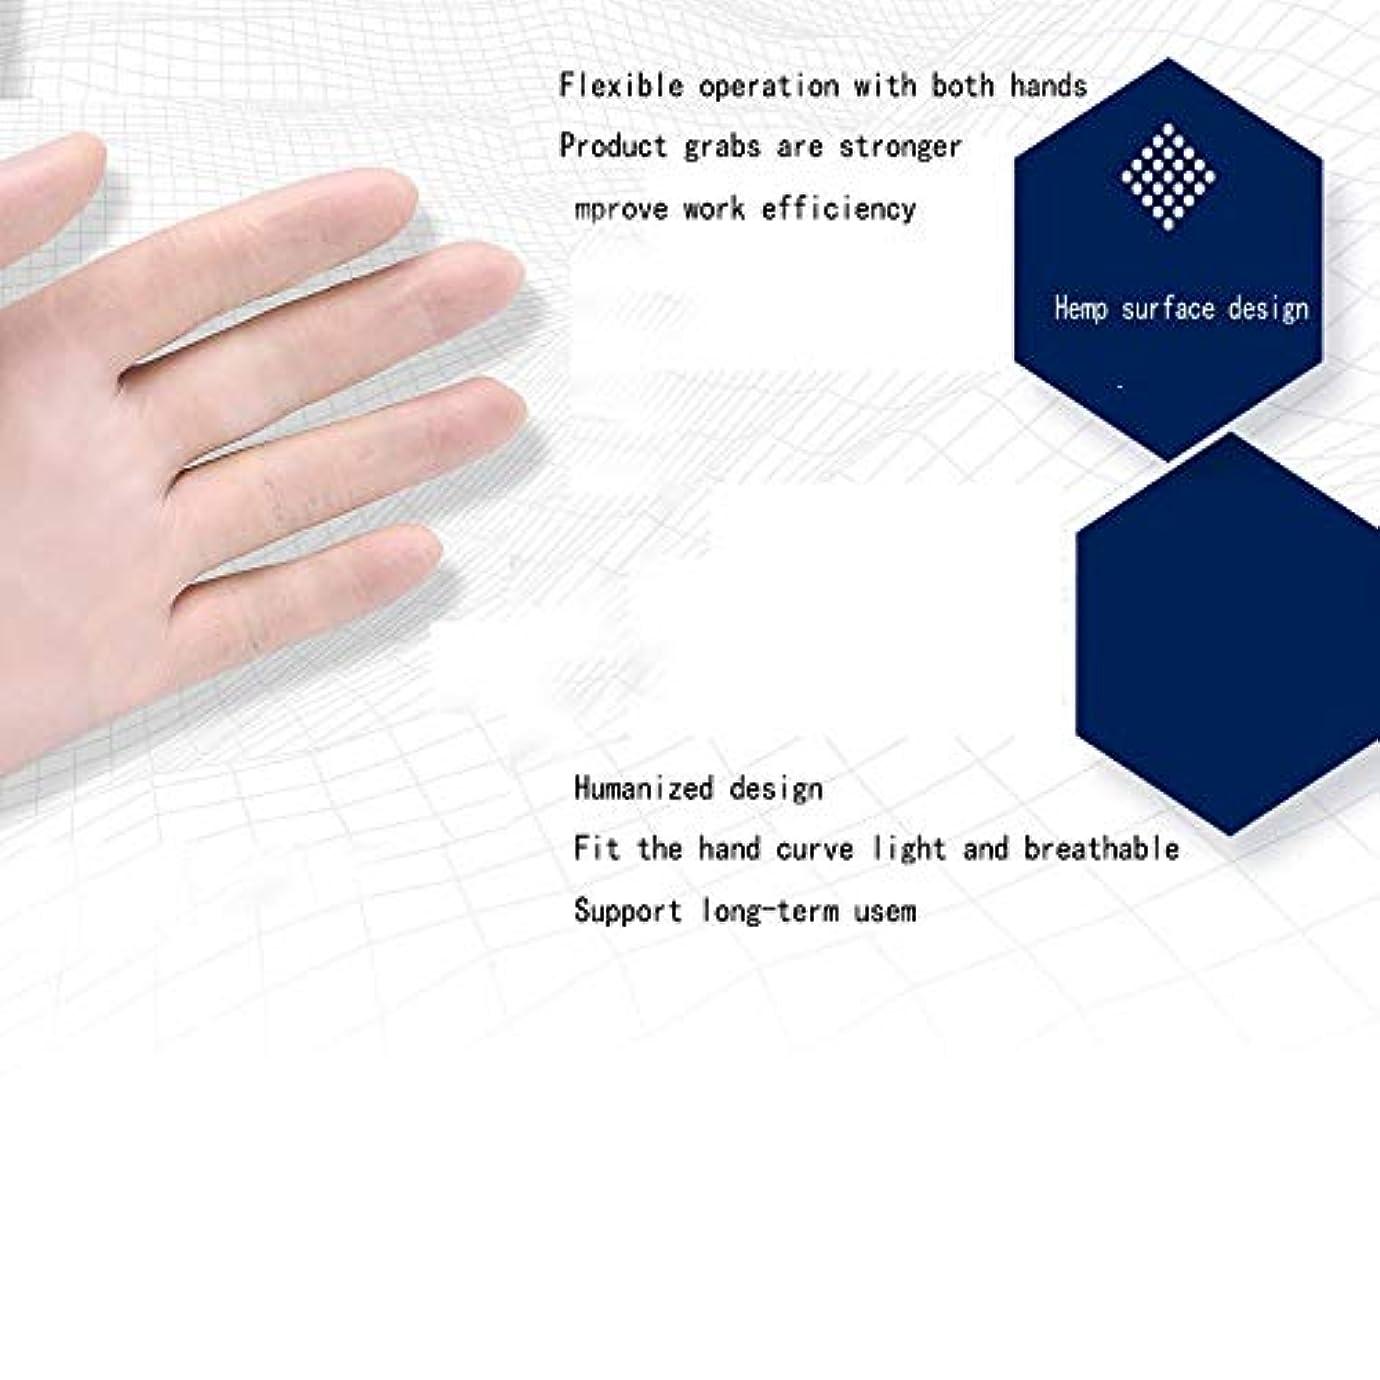 不純測定可能ブームSafeguard Nitri Disposable Gloves、パウダーフリー、食品用グローブ、ラテックスフリー、100 Pcサニタリーグローブ (サイズ さいず : S s)